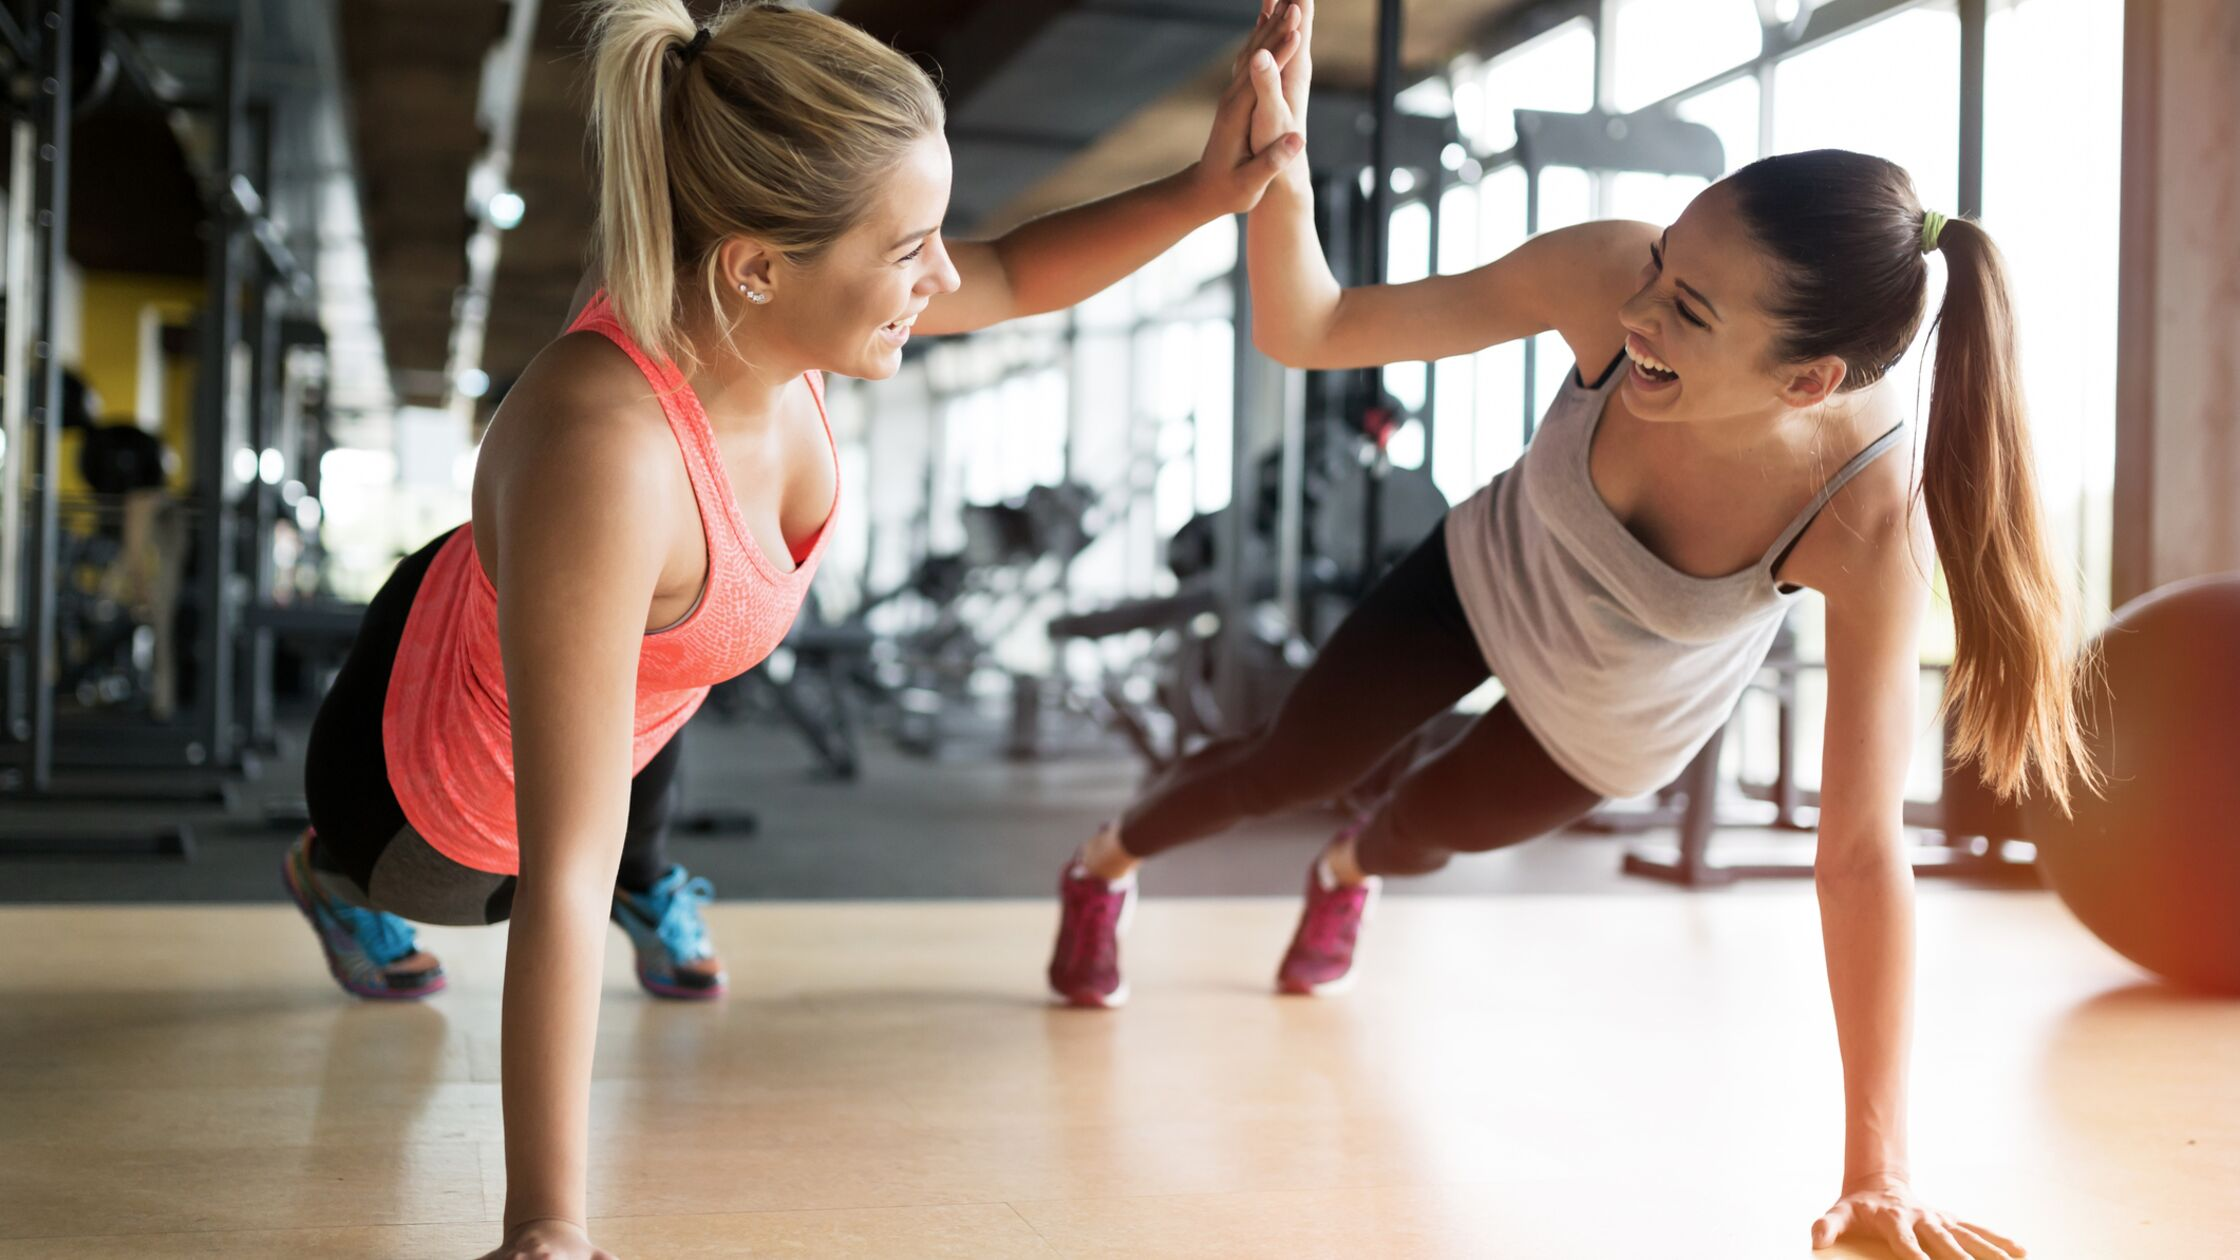 Zwei junge Frauen trainieren und lachen